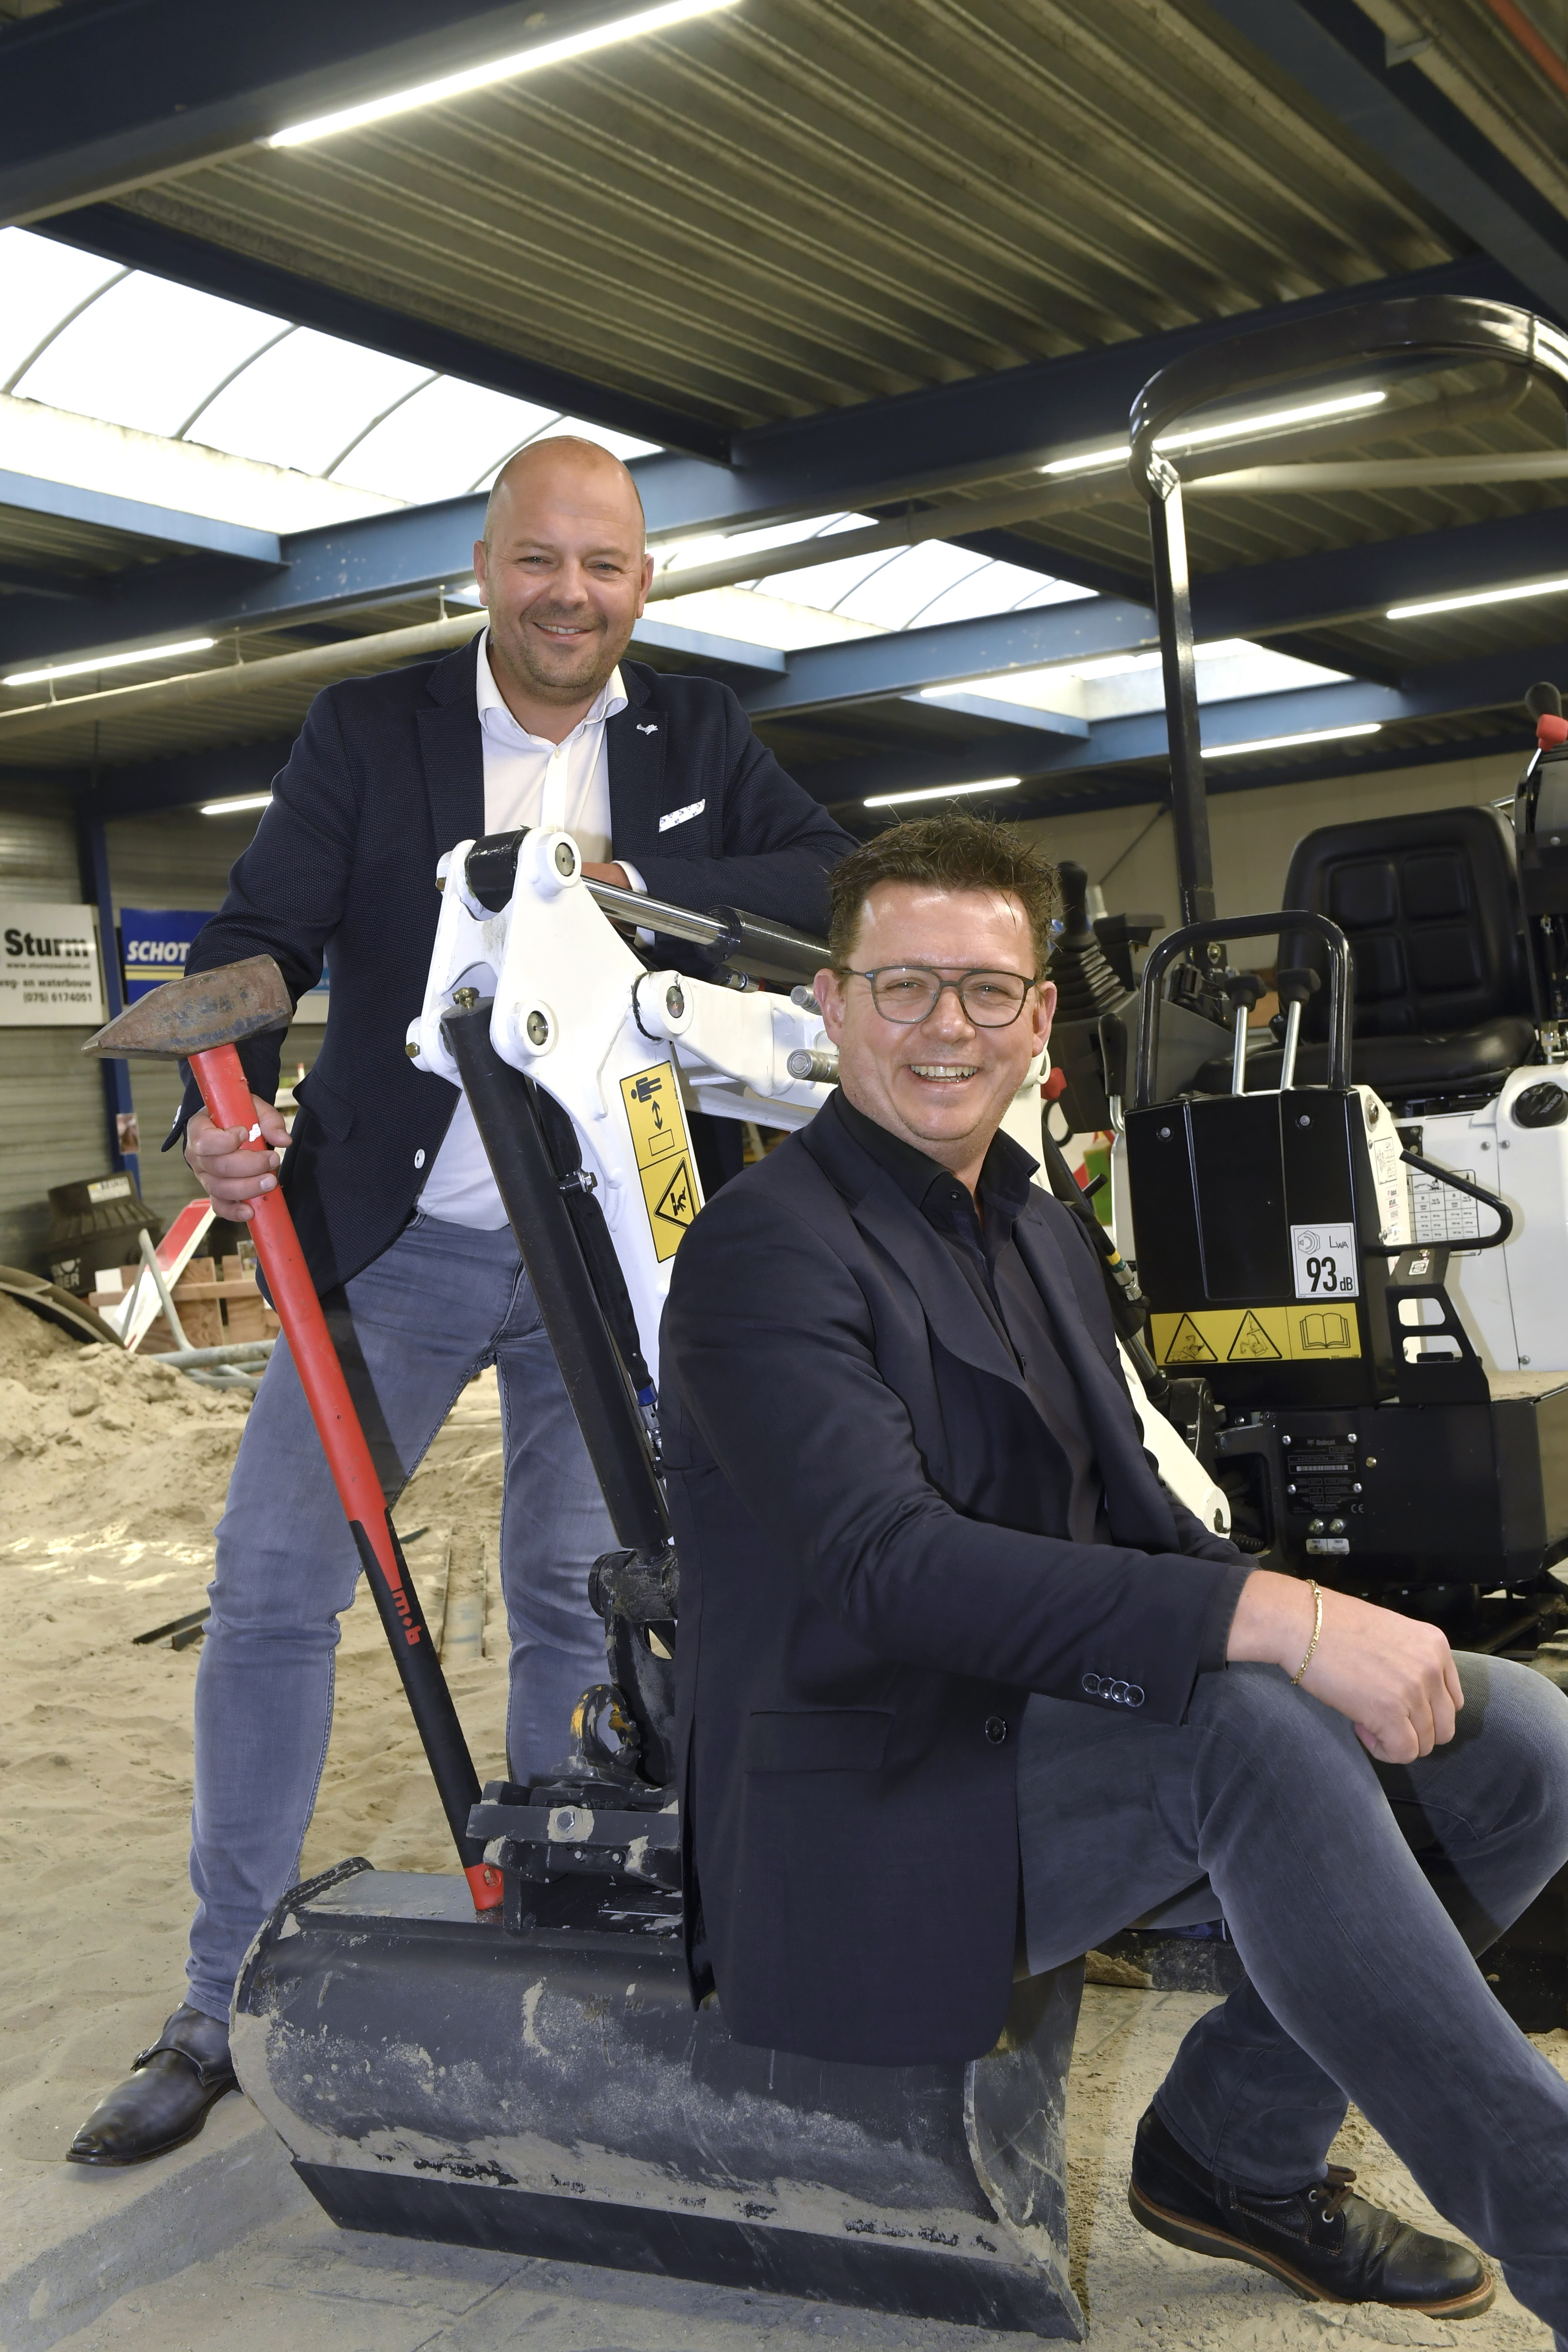 <p>Kees de Groot en Jan Bork over de professionalisering van de branche: 'Waar vroeger nog wel eens smalend richting die slopertjes werd gedaan, worden we nu serieus genomen.' </p>